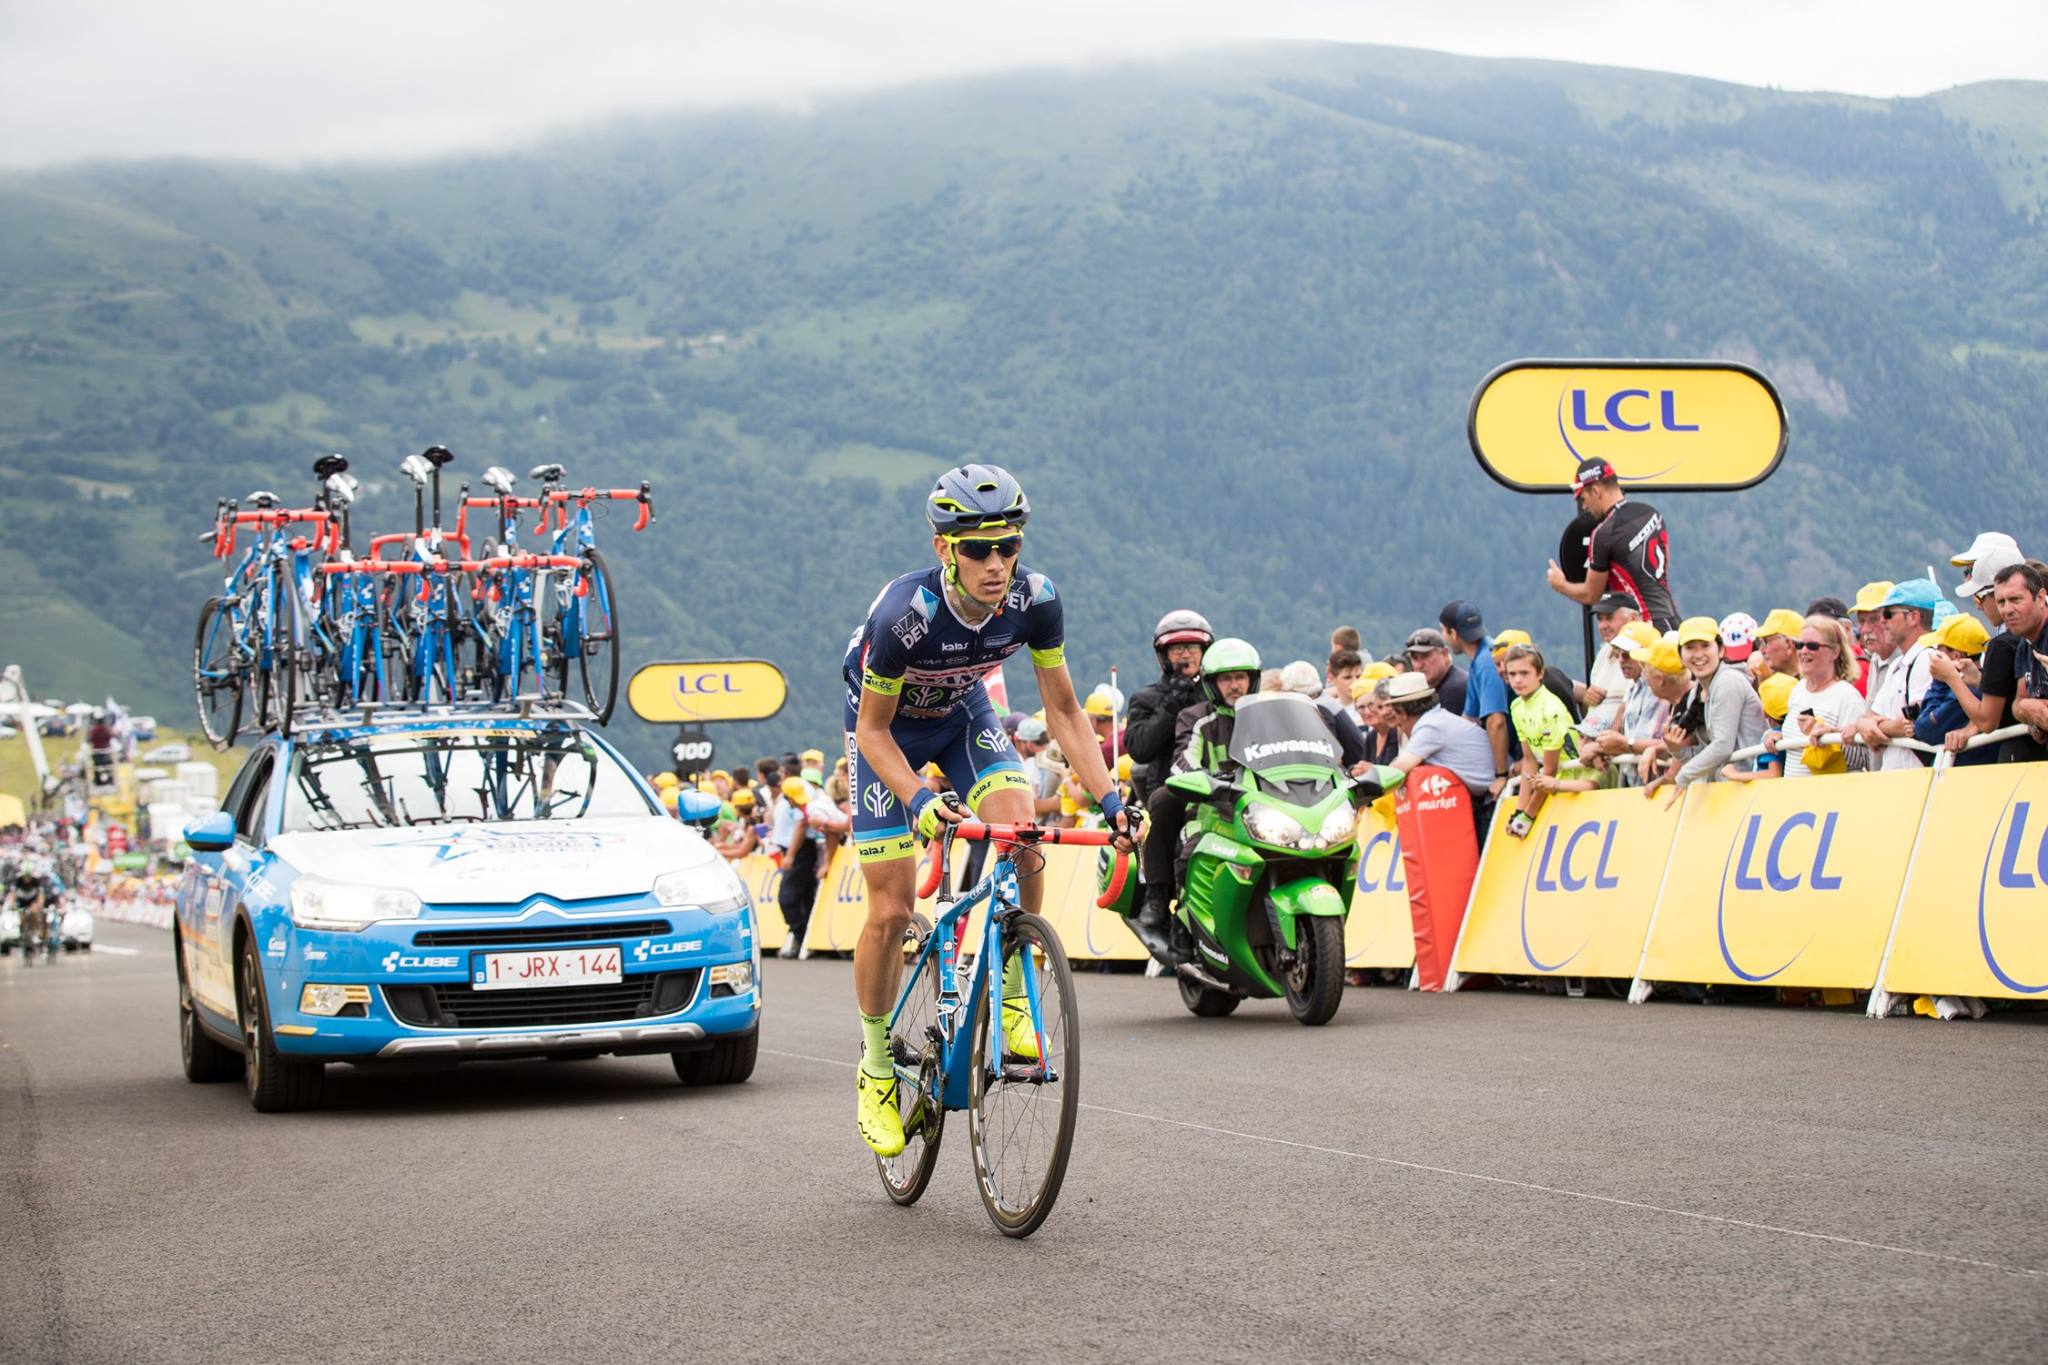 Magnifique 16ème place pour Guillaume Martin au guidon de son Cube Litening C:68 sur la première étape de montagne du Tour de France.